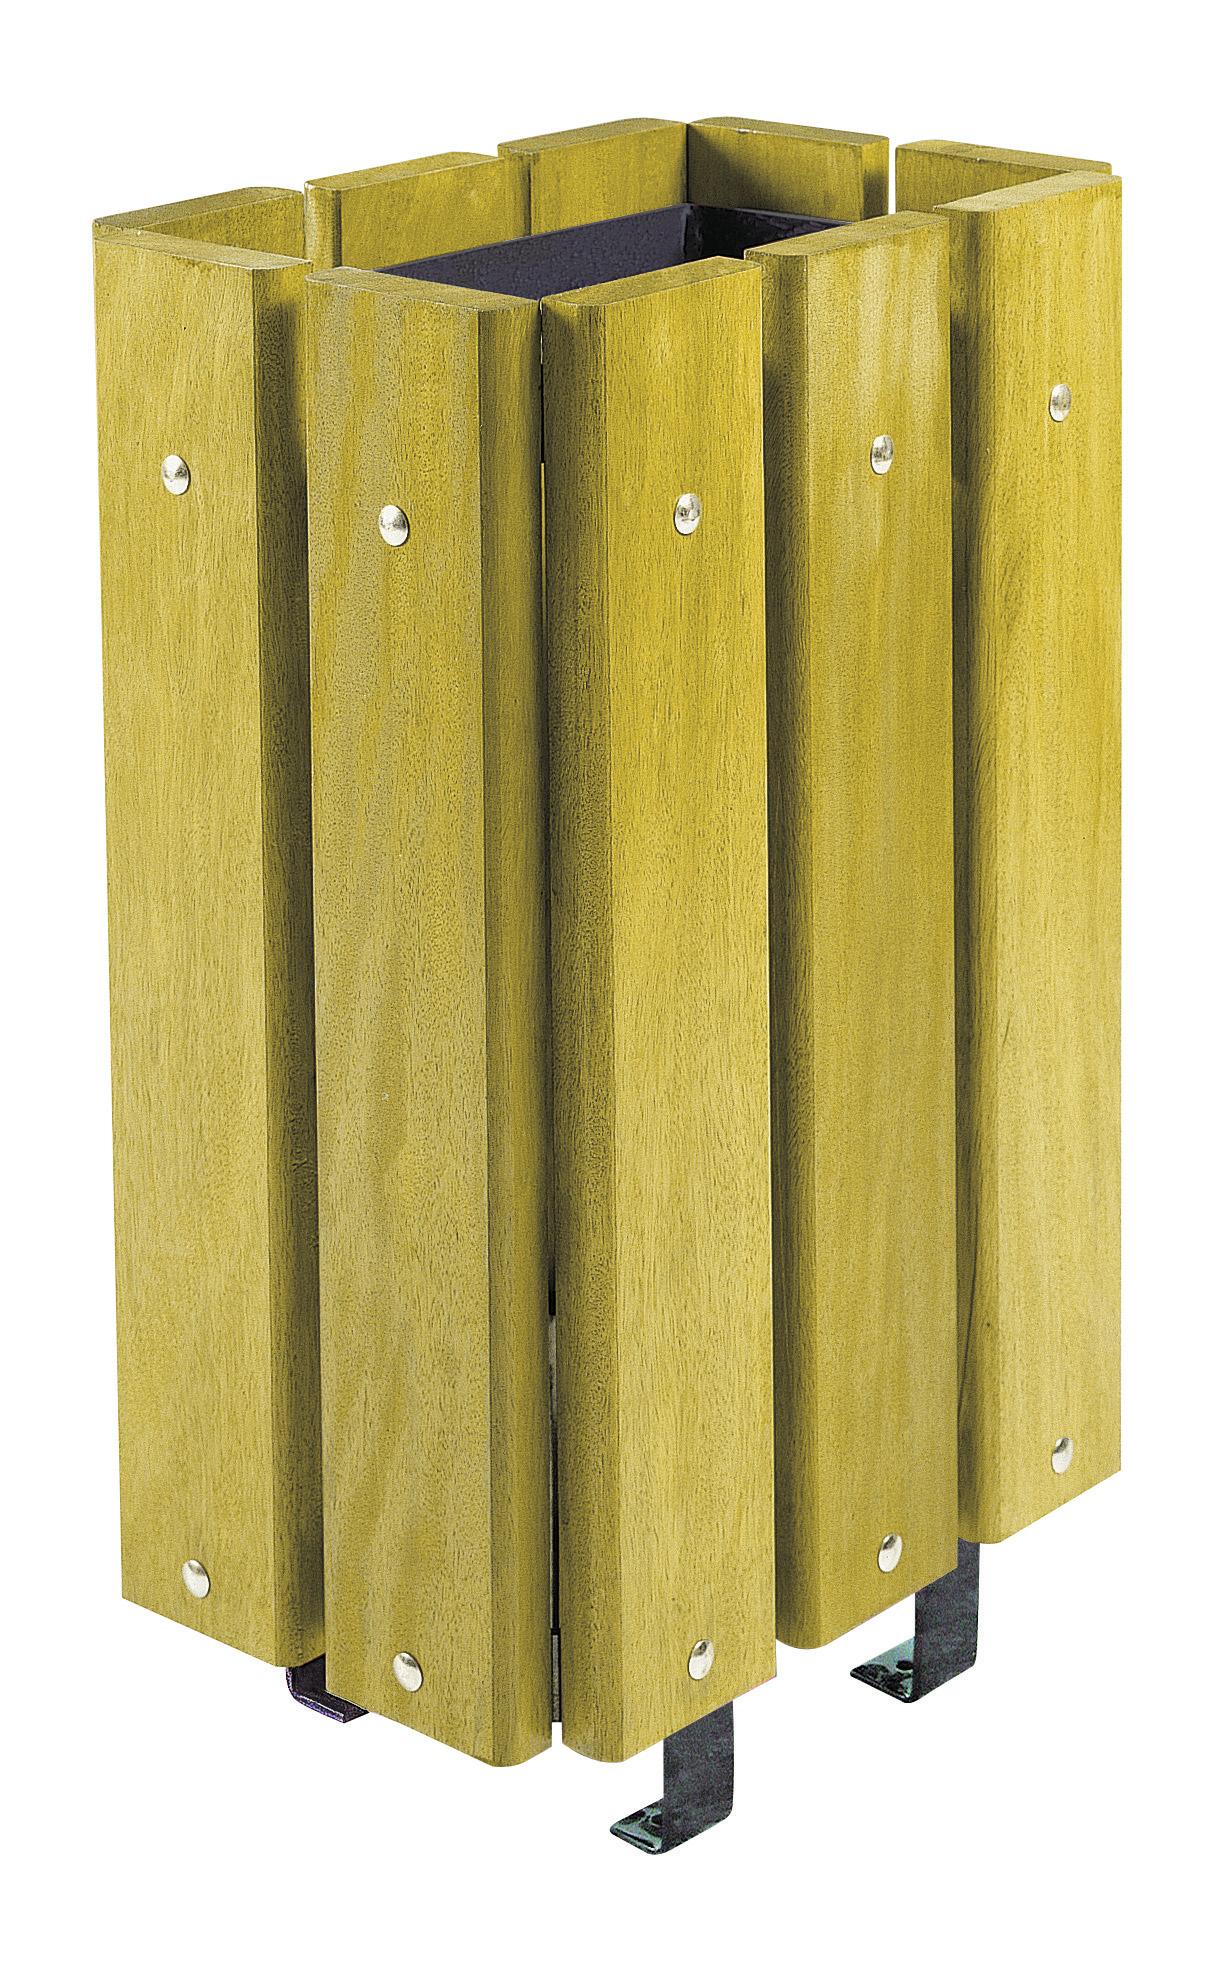 poubelle rectangulaire habillage bois 30l sans couvercle menuiserie bertin. Black Bedroom Furniture Sets. Home Design Ideas